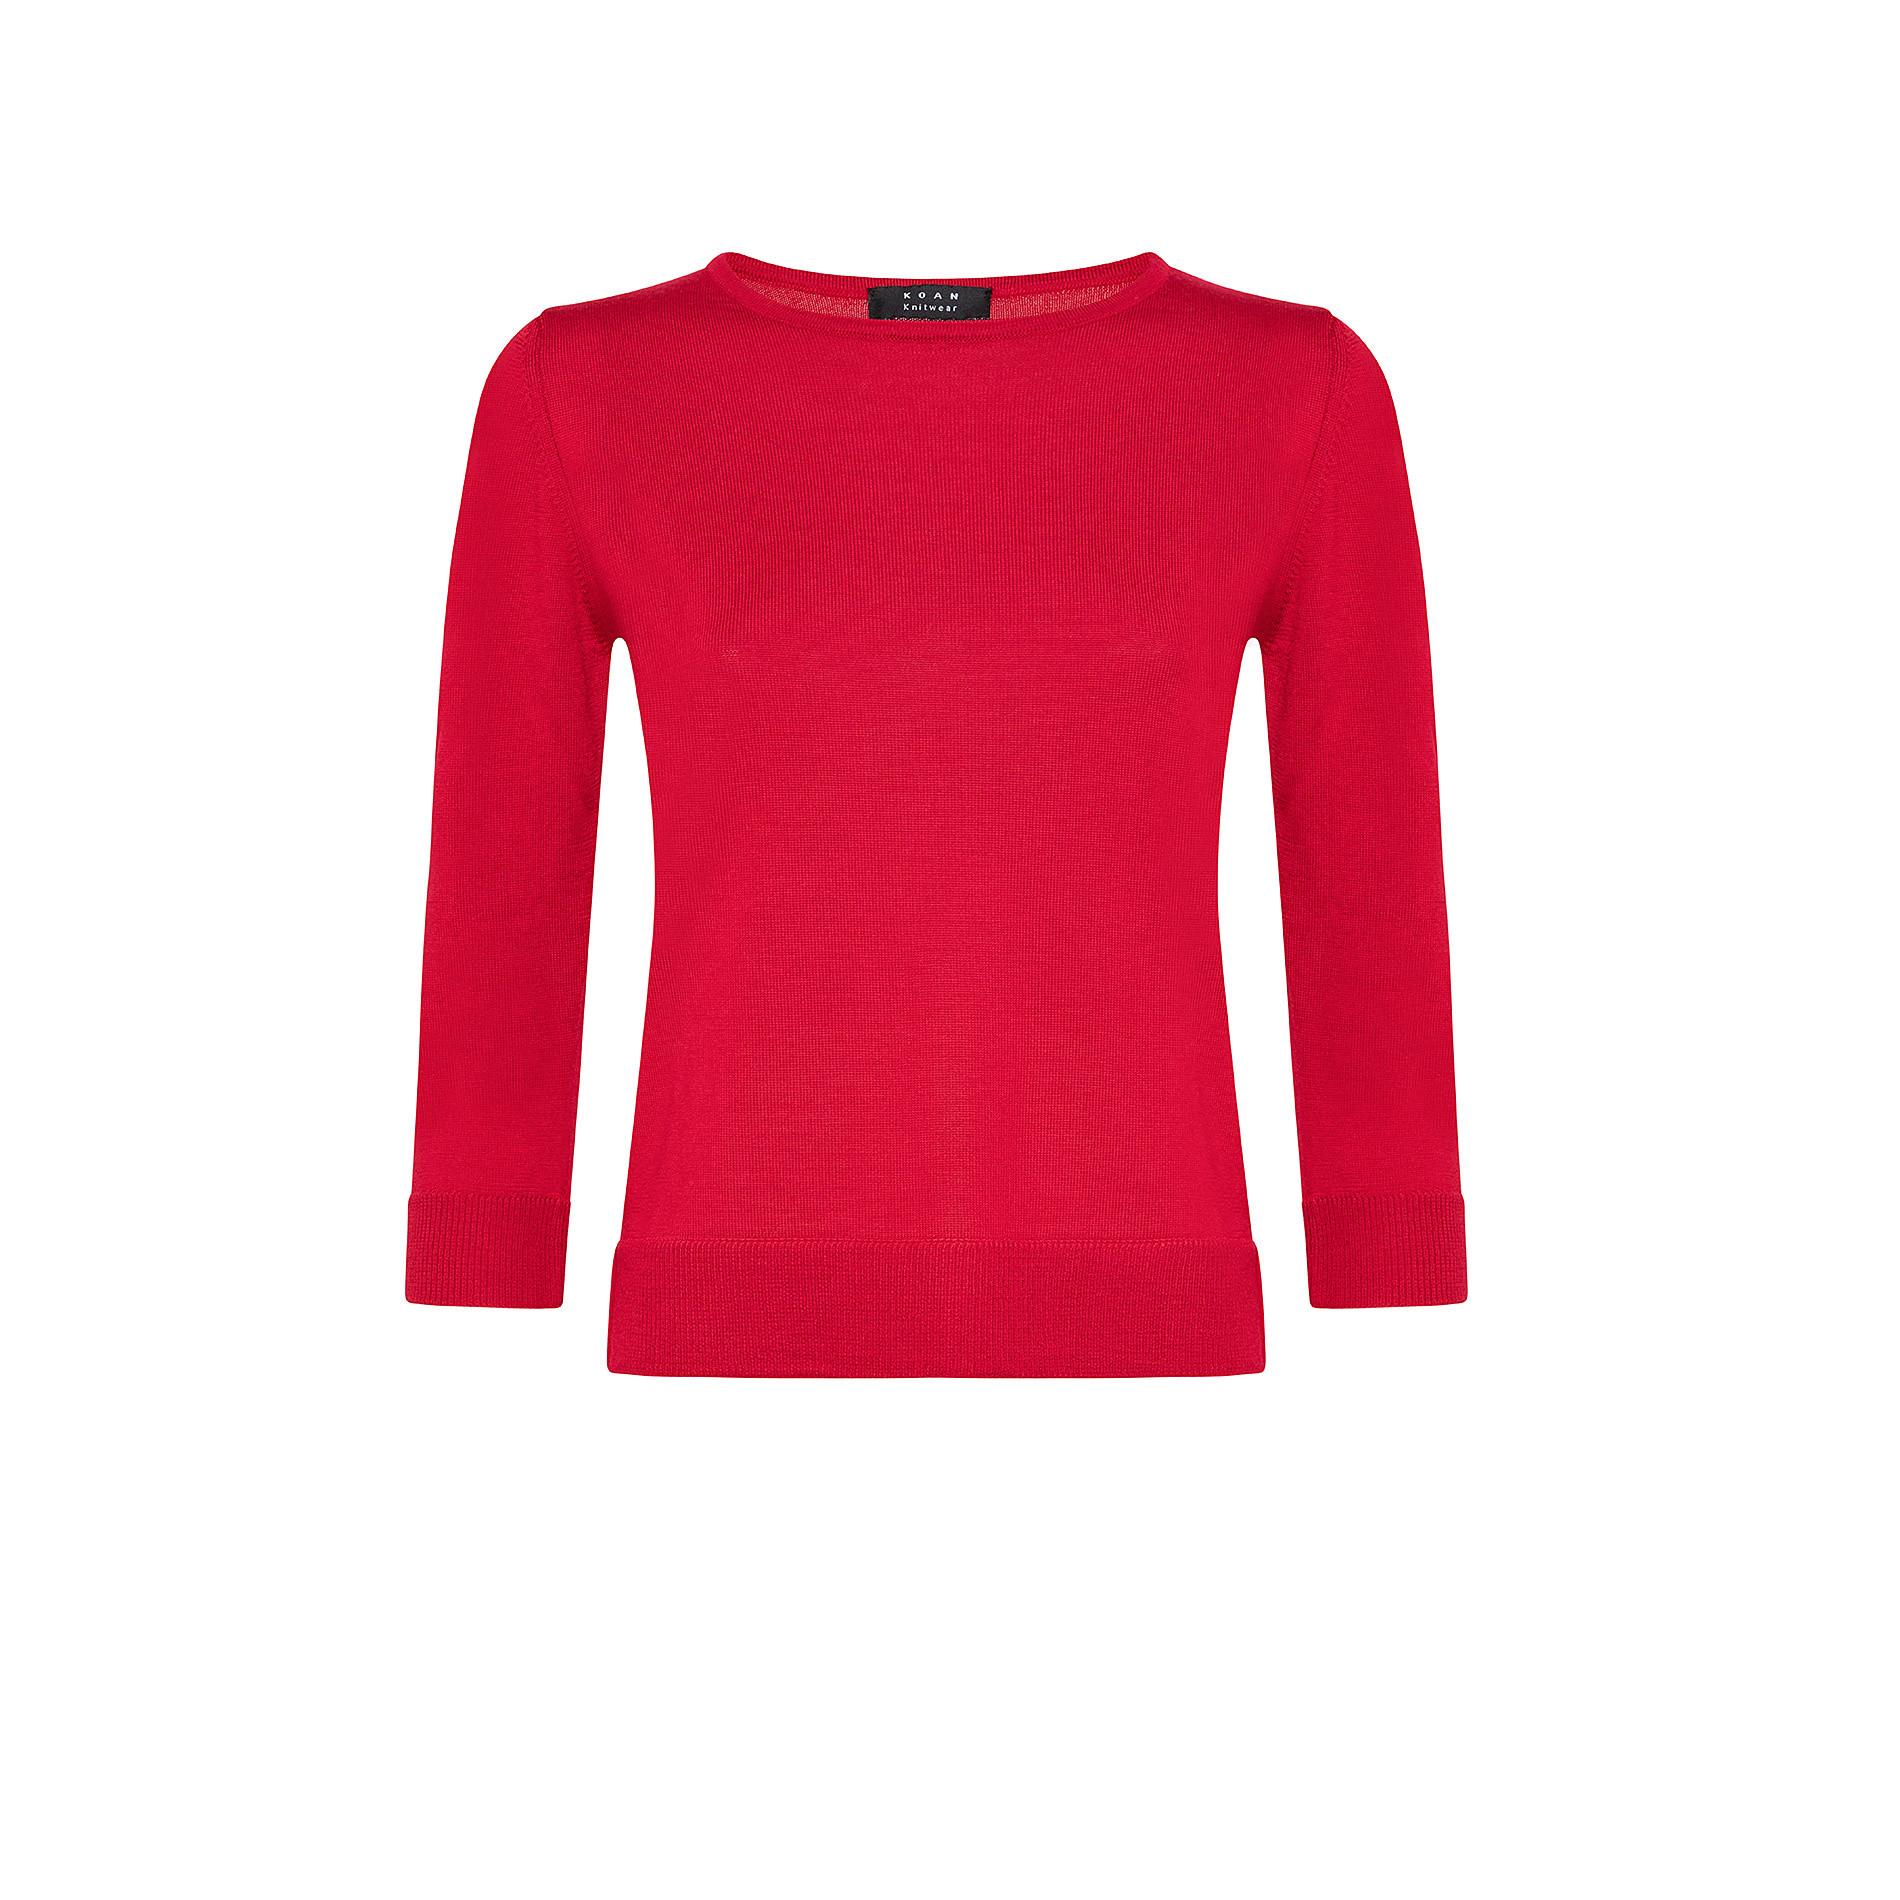 Pullover lana merinos tinta unita, , large image number 0